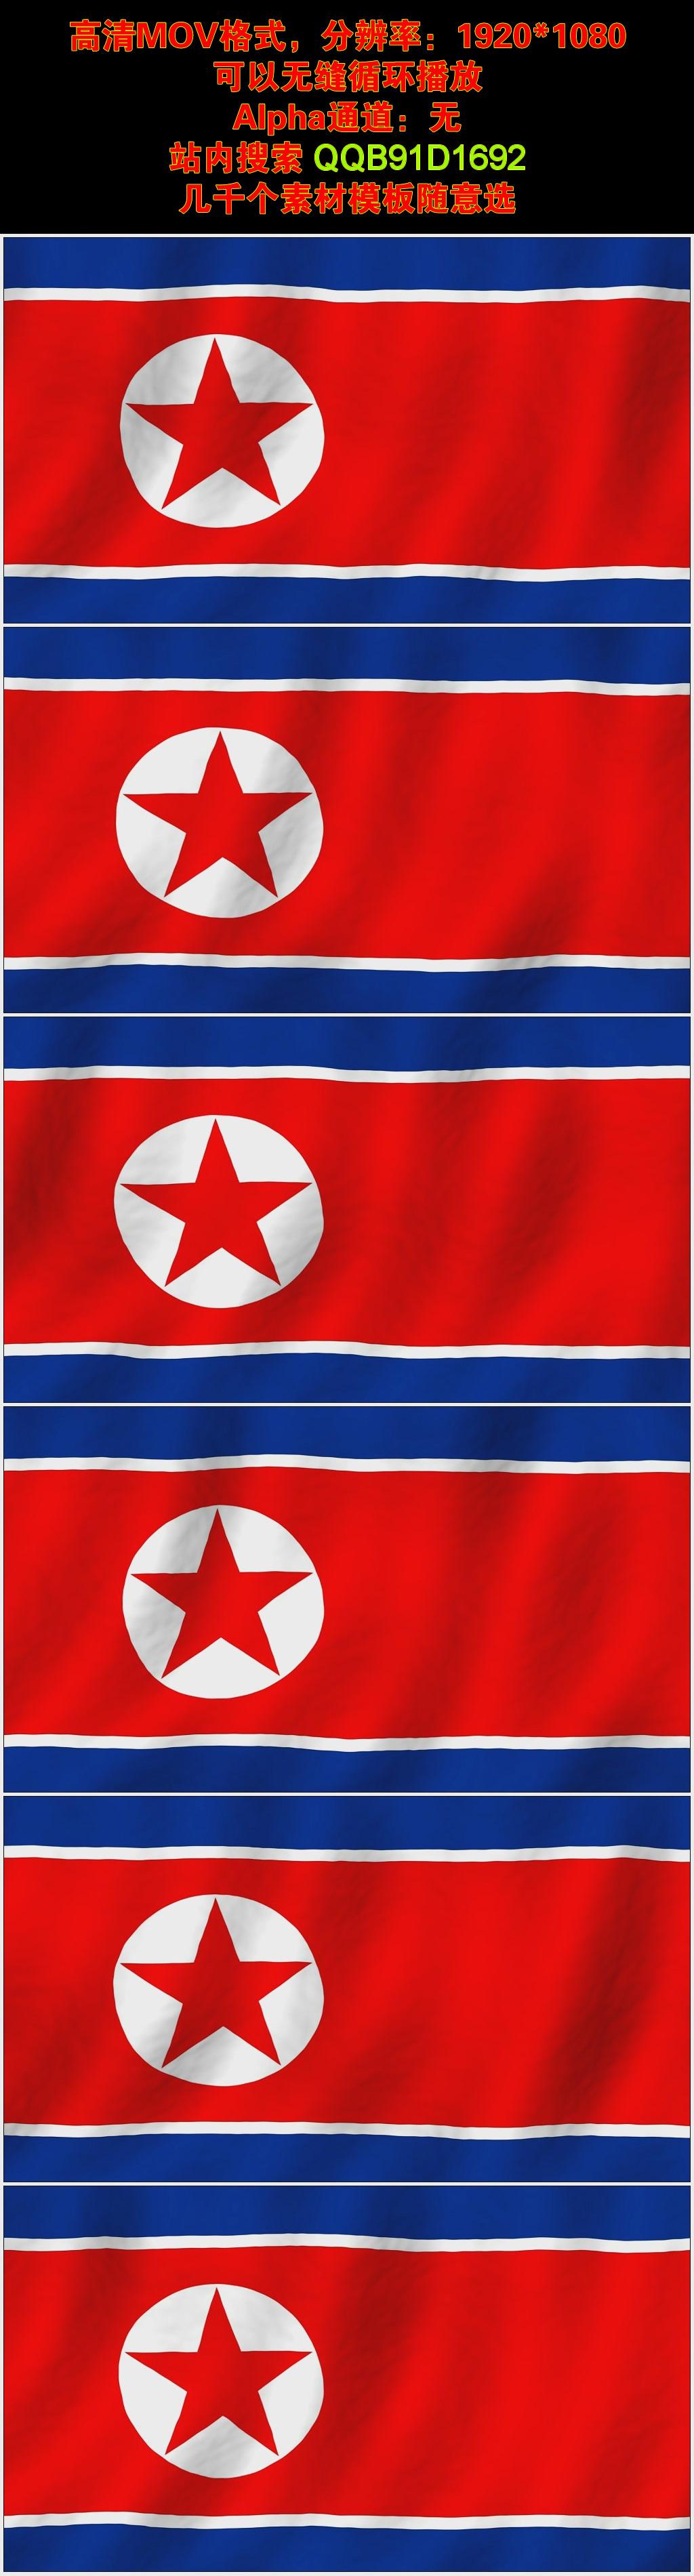 a是哪个国家 国旗怎么样图片